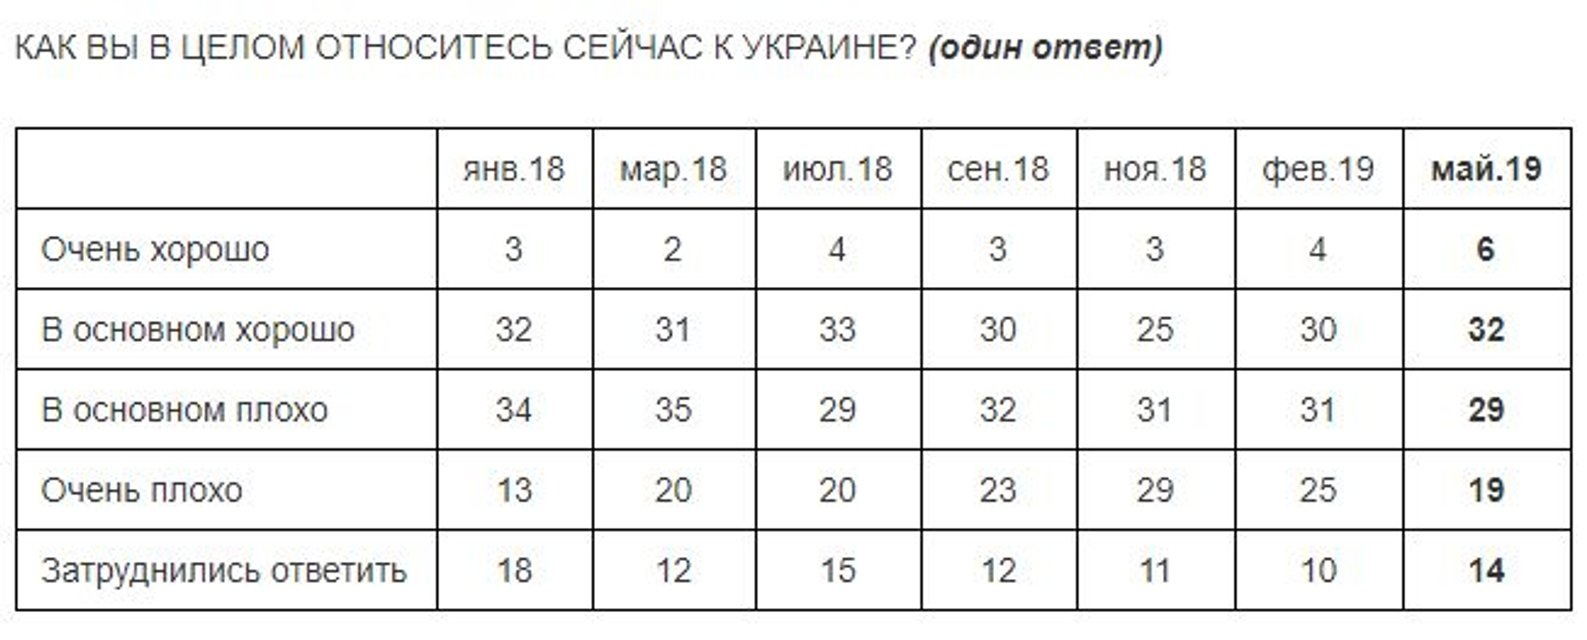 Русские стали больше 'любить' Украину. После Зеленского - фото 183338